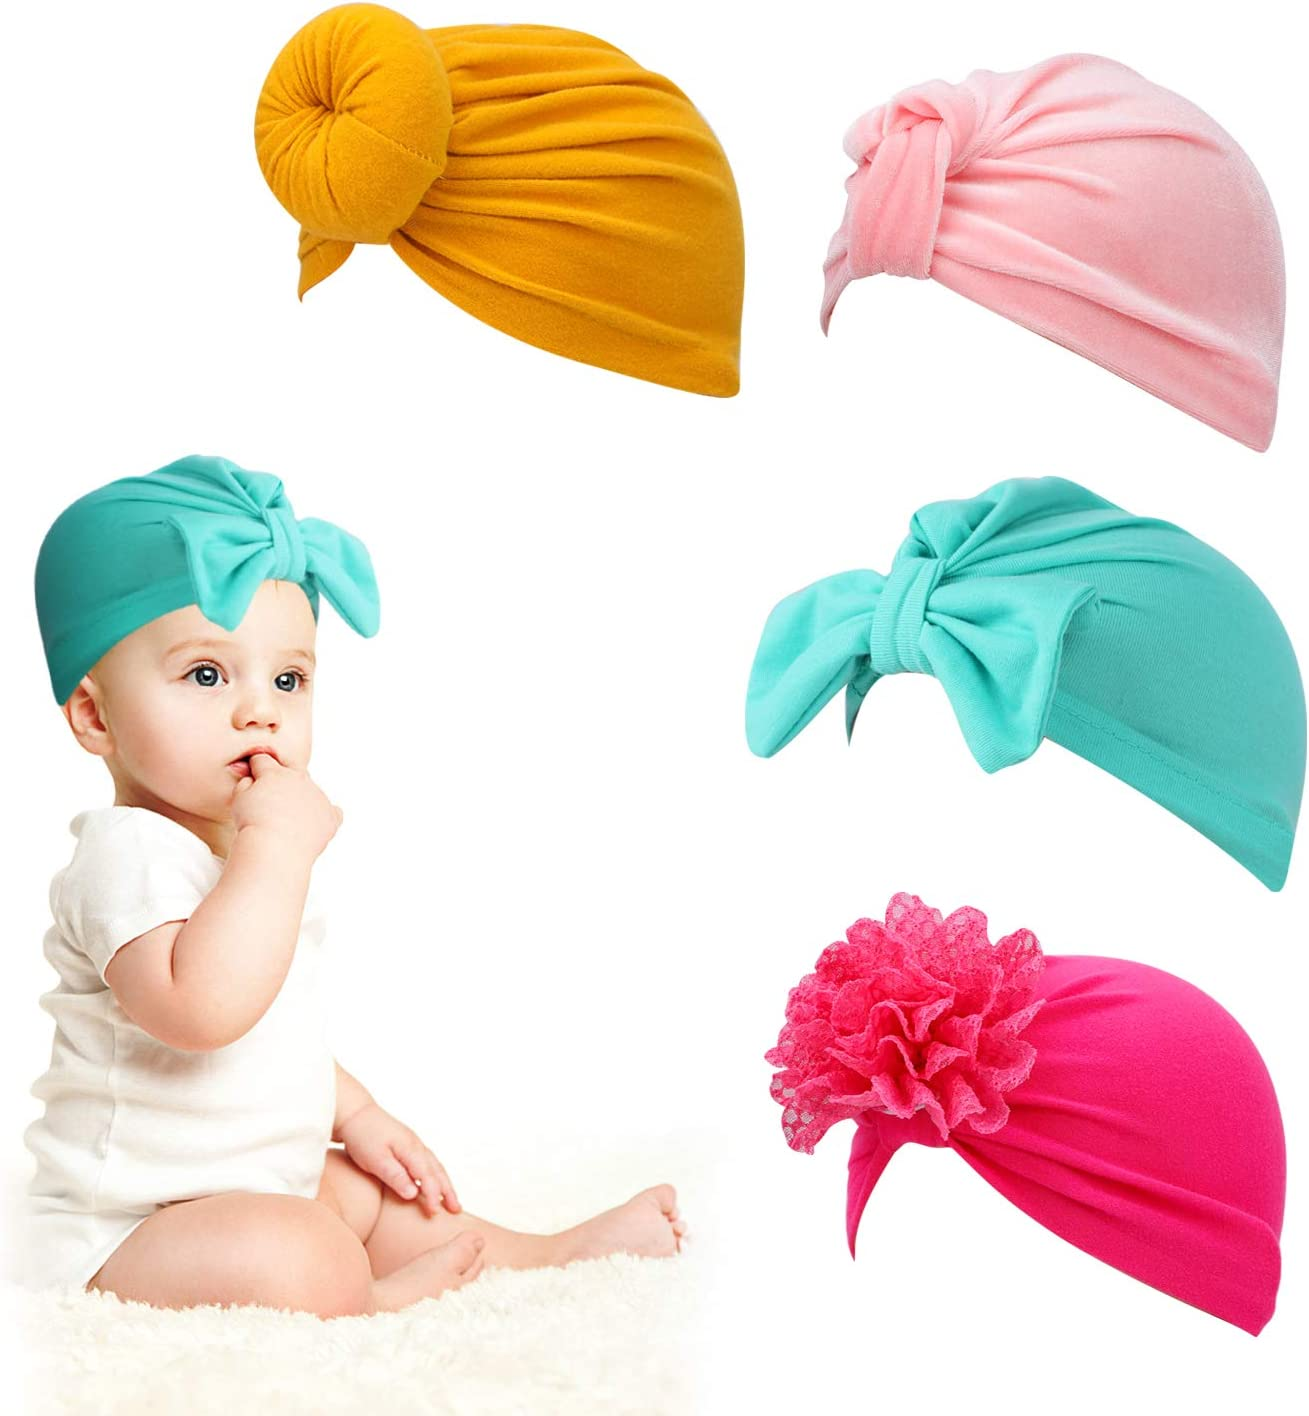 bambino Ragazza Berretto Bowknot accessori capelli fiore neonata fotografia prop HIFOT Baby Turbante berretto neonato Cappello 4 pezzi